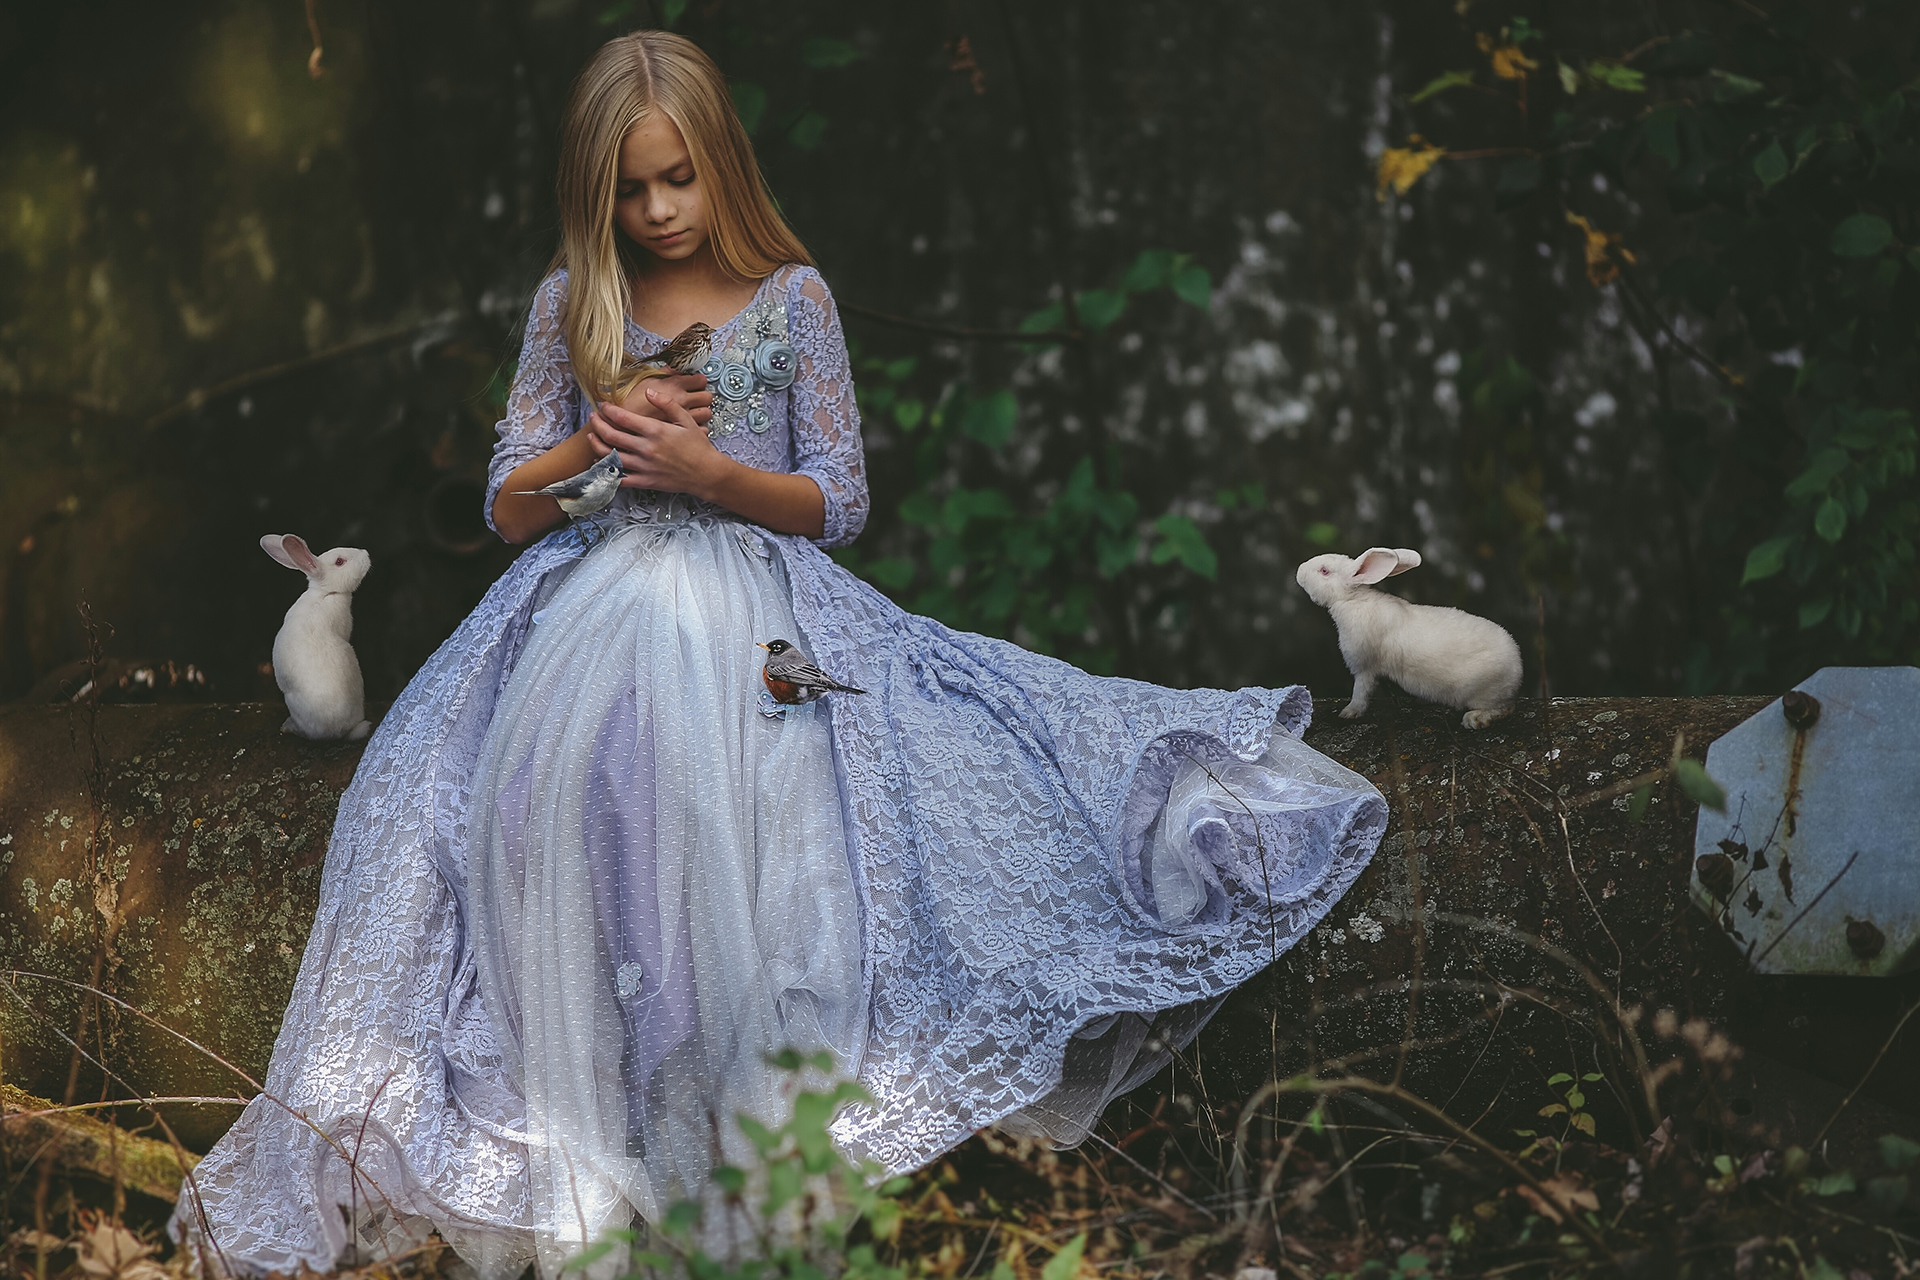 Картинки девушек в маленькой одежде